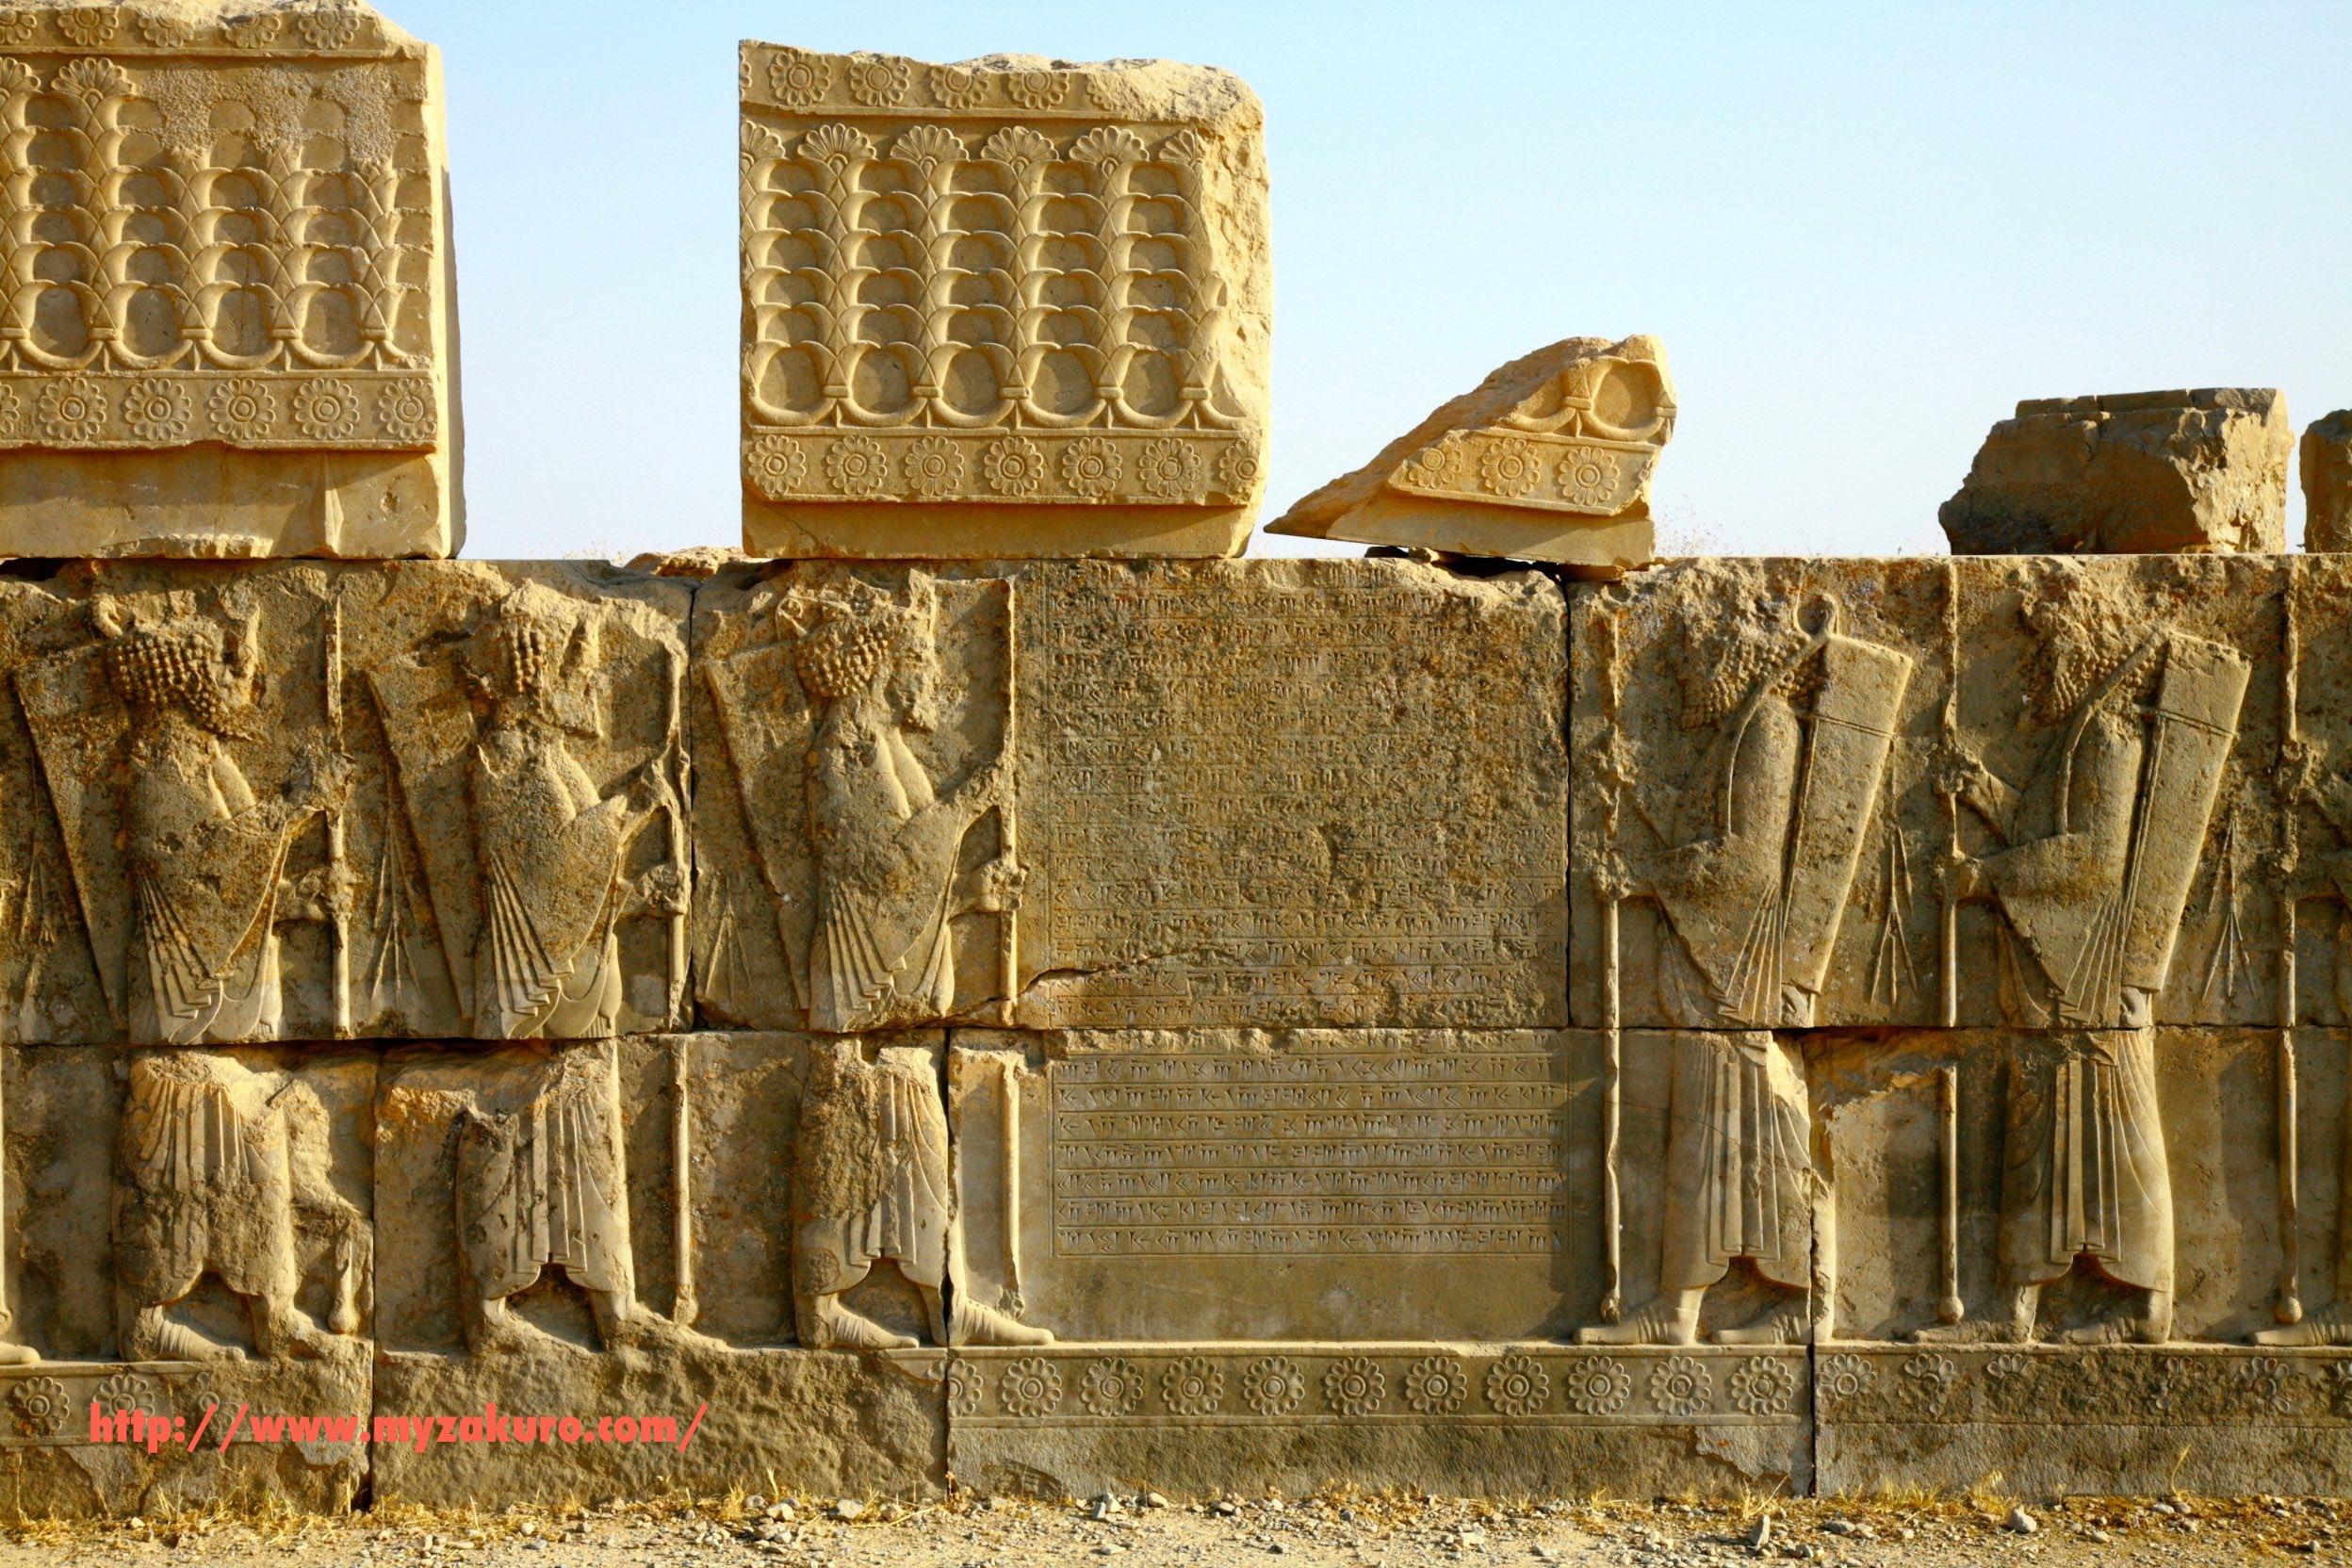 Iran - Persepolis028_ イランの世界遺産ペルセポリス遺跡へ行ってきた | 白